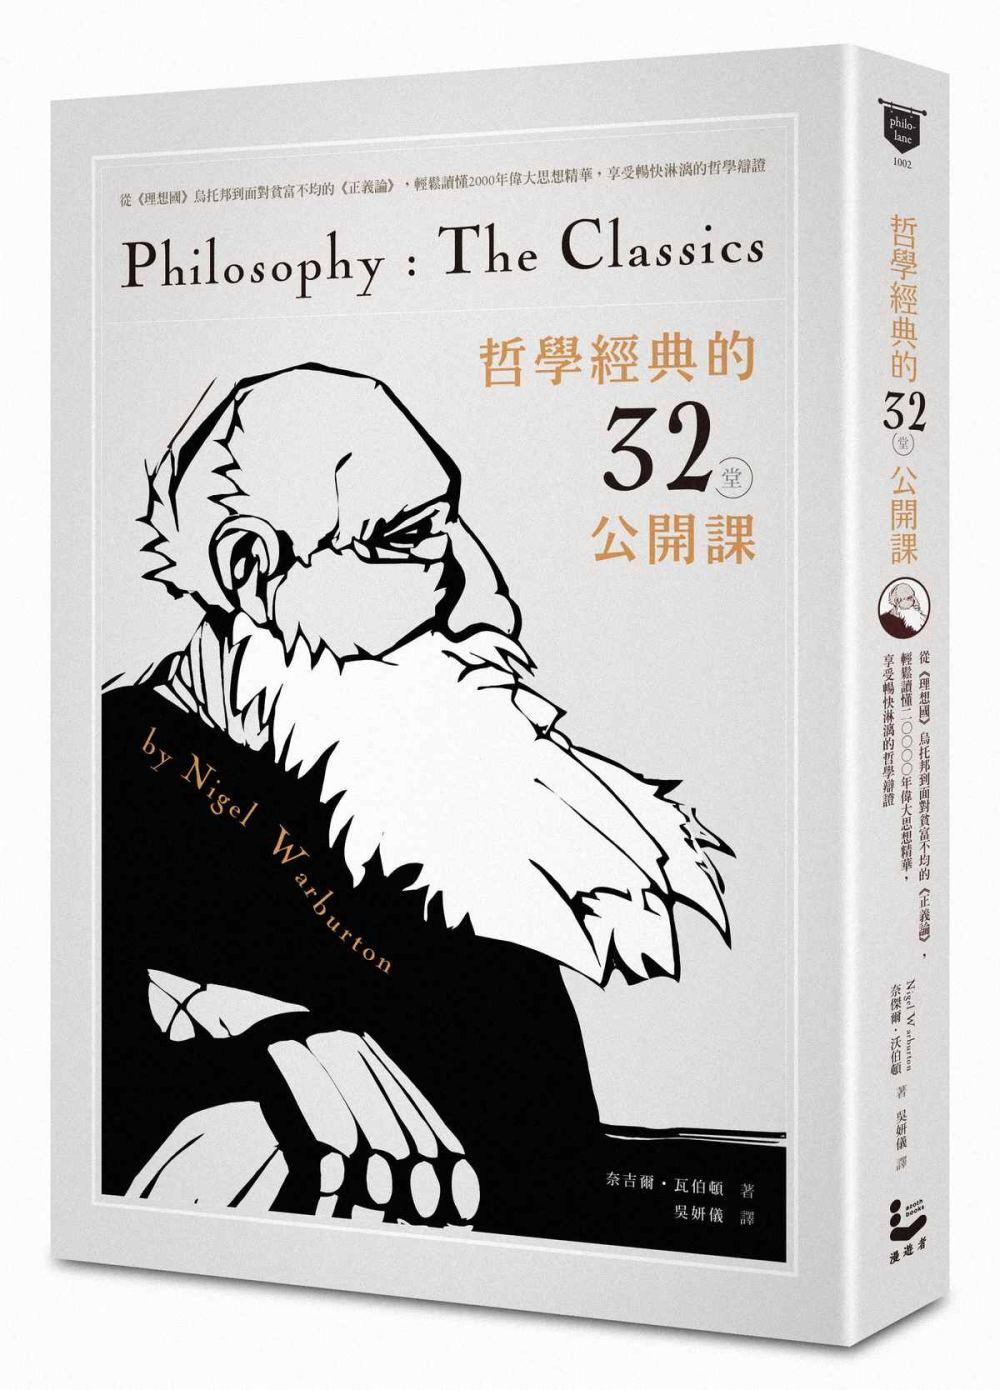 哲學經典的32堂公開課:從《理想國》烏托邦到面對貧富不均的《正義論》,輕鬆讀懂2000年偉大思想精華,享受暢快淋漓的哲學辯證